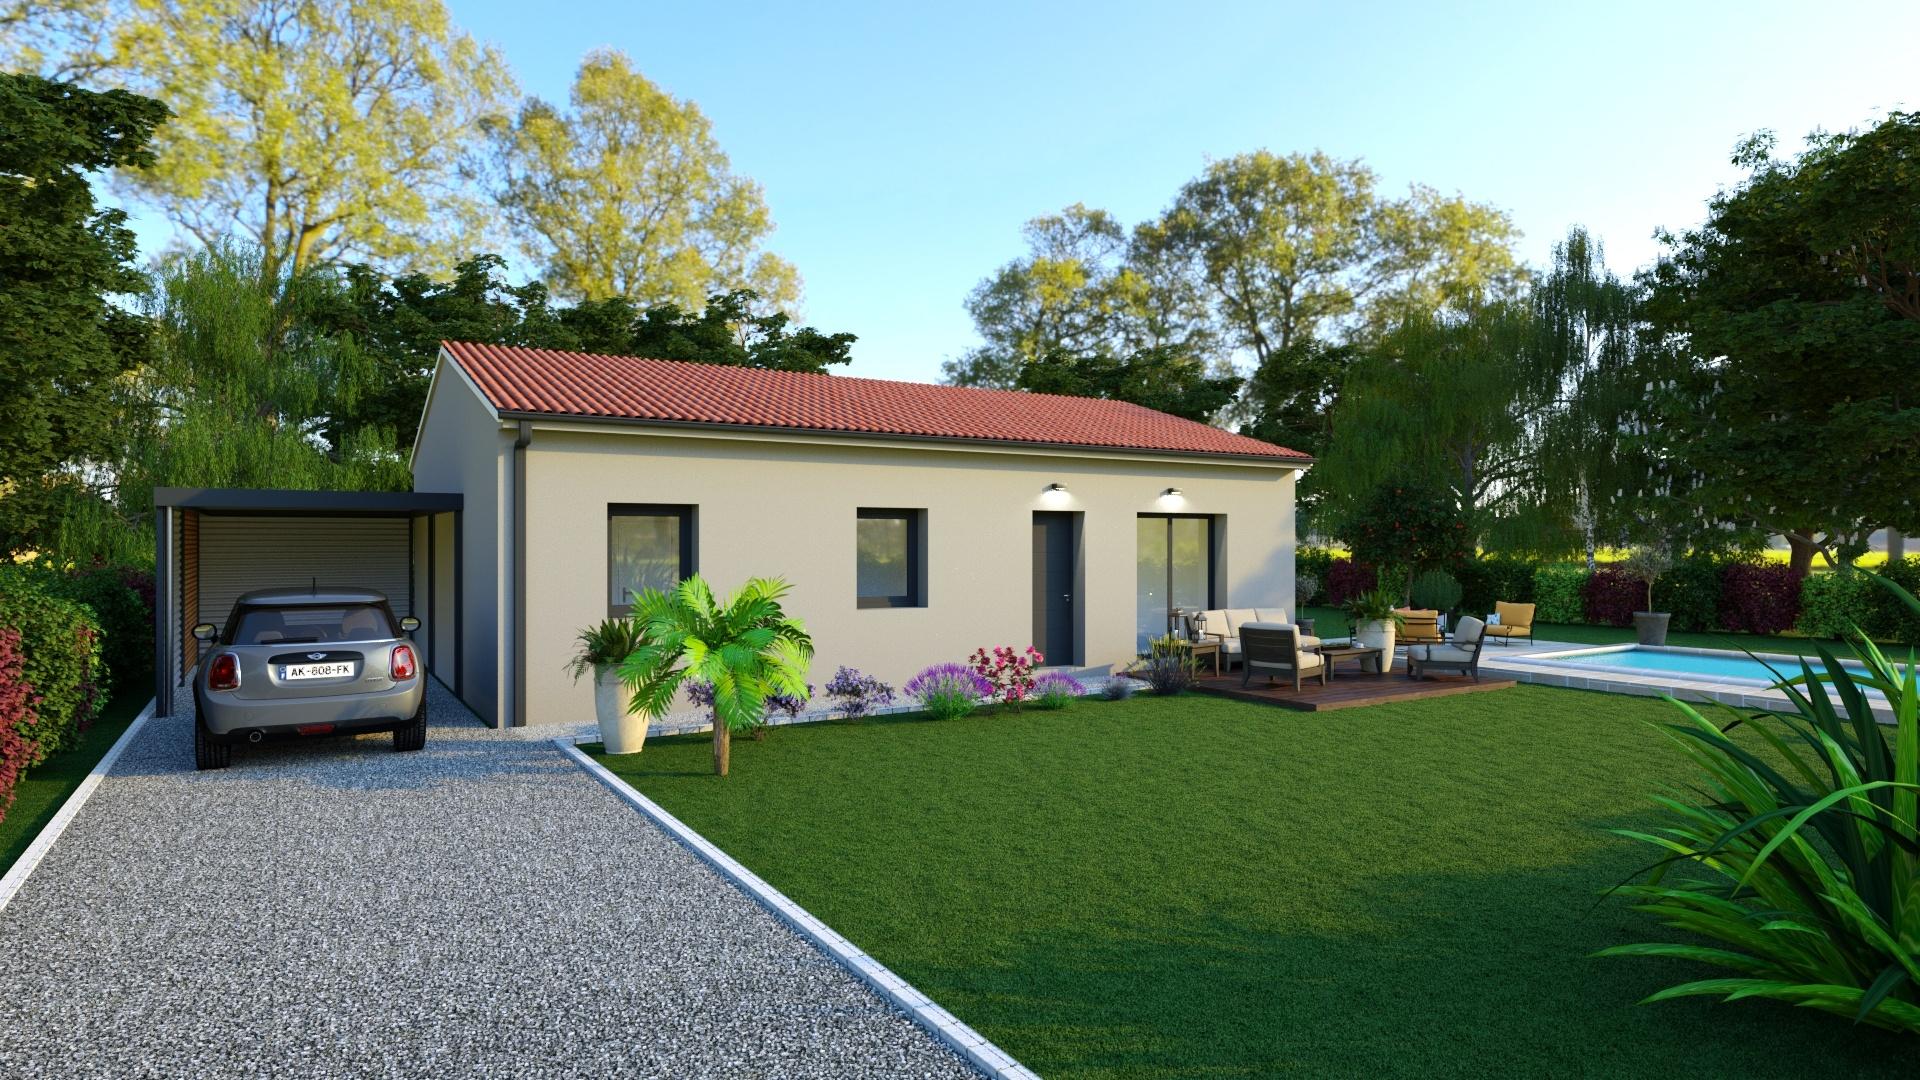 Maisons + Terrains du constructeur TRADIMAISONS • 81 m² • AULNAT